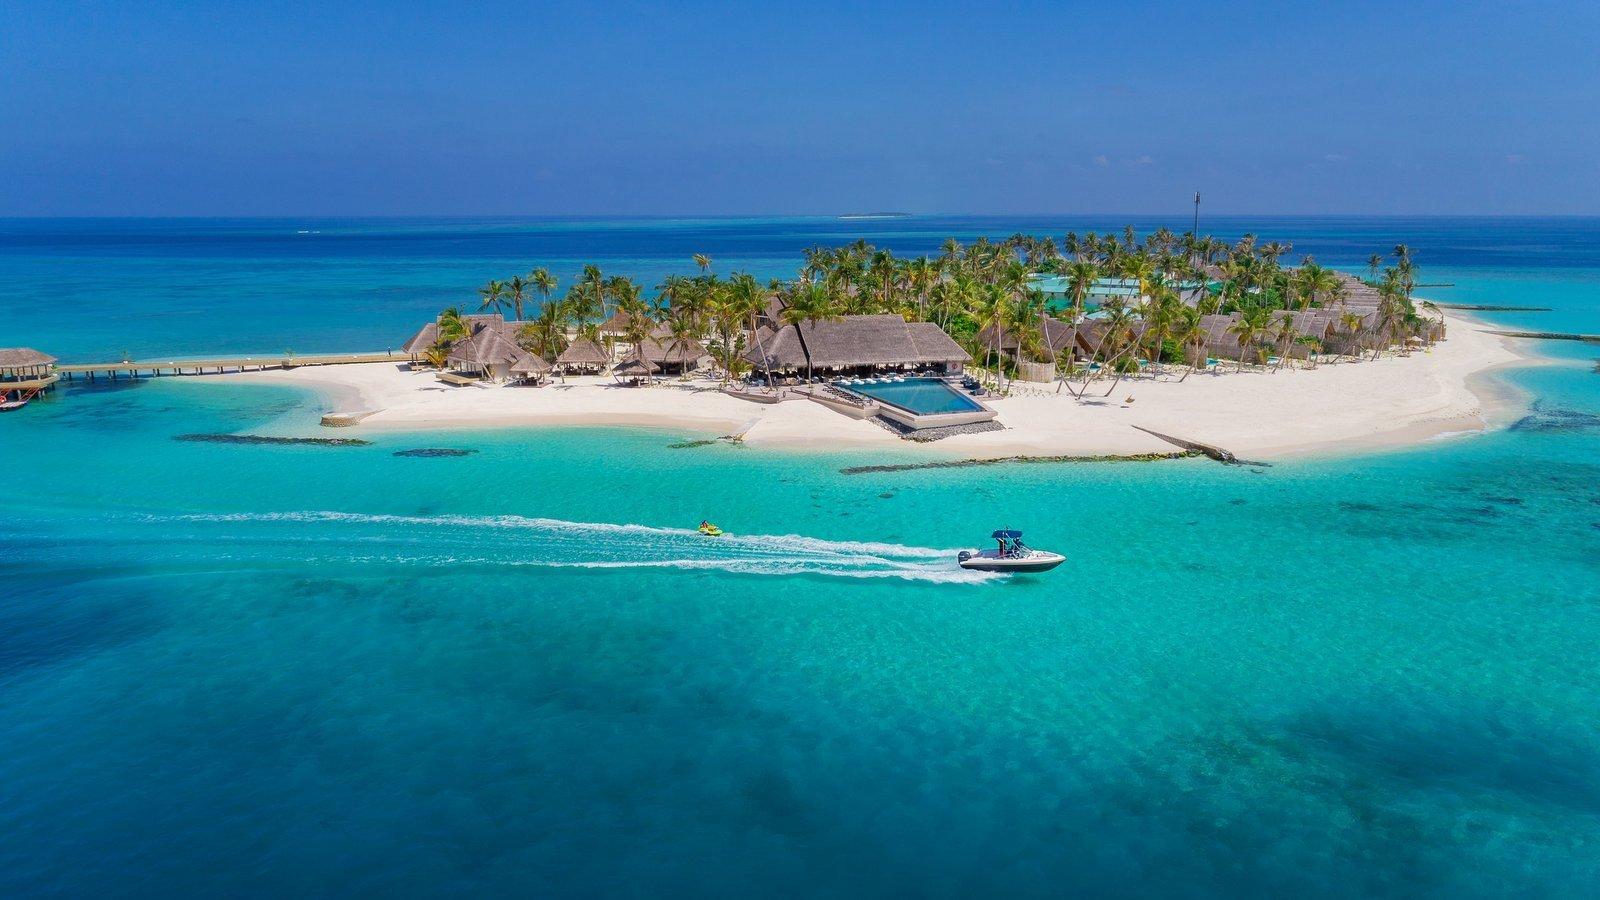 Мальдивы, отель Fushifaru Maldives